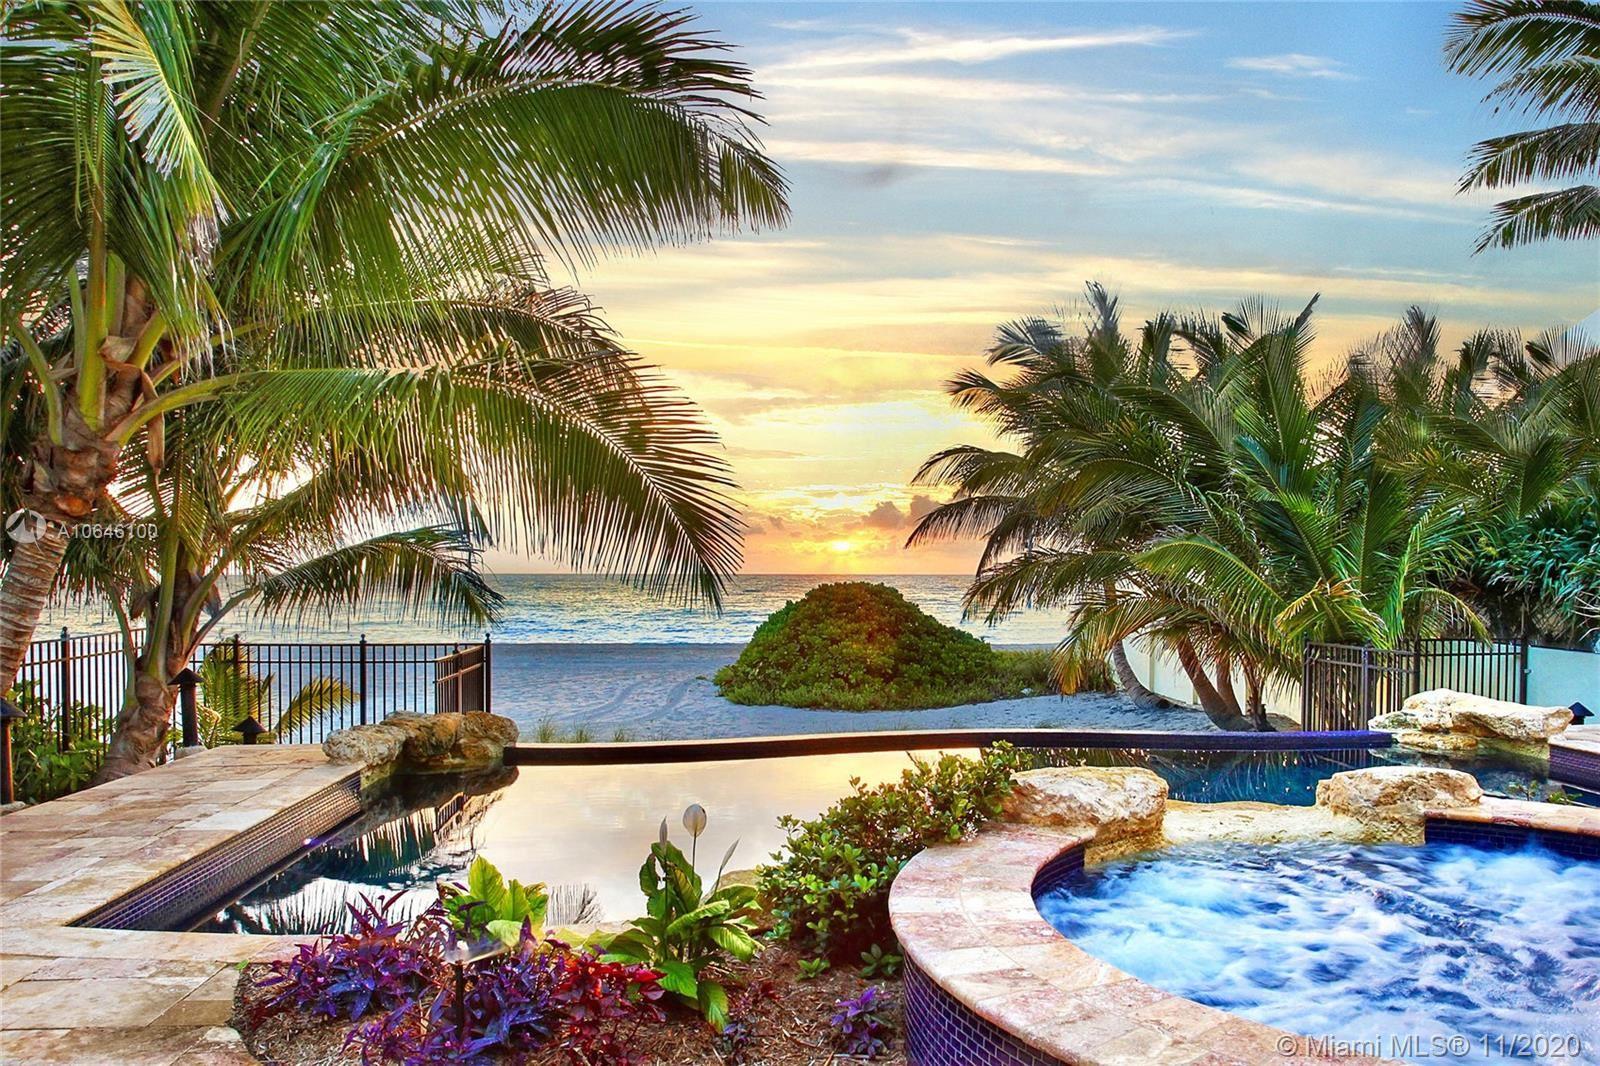 Photo of 101 Ocean Blvd, Golden Beach, FL 33160 (MLS # A10646100)